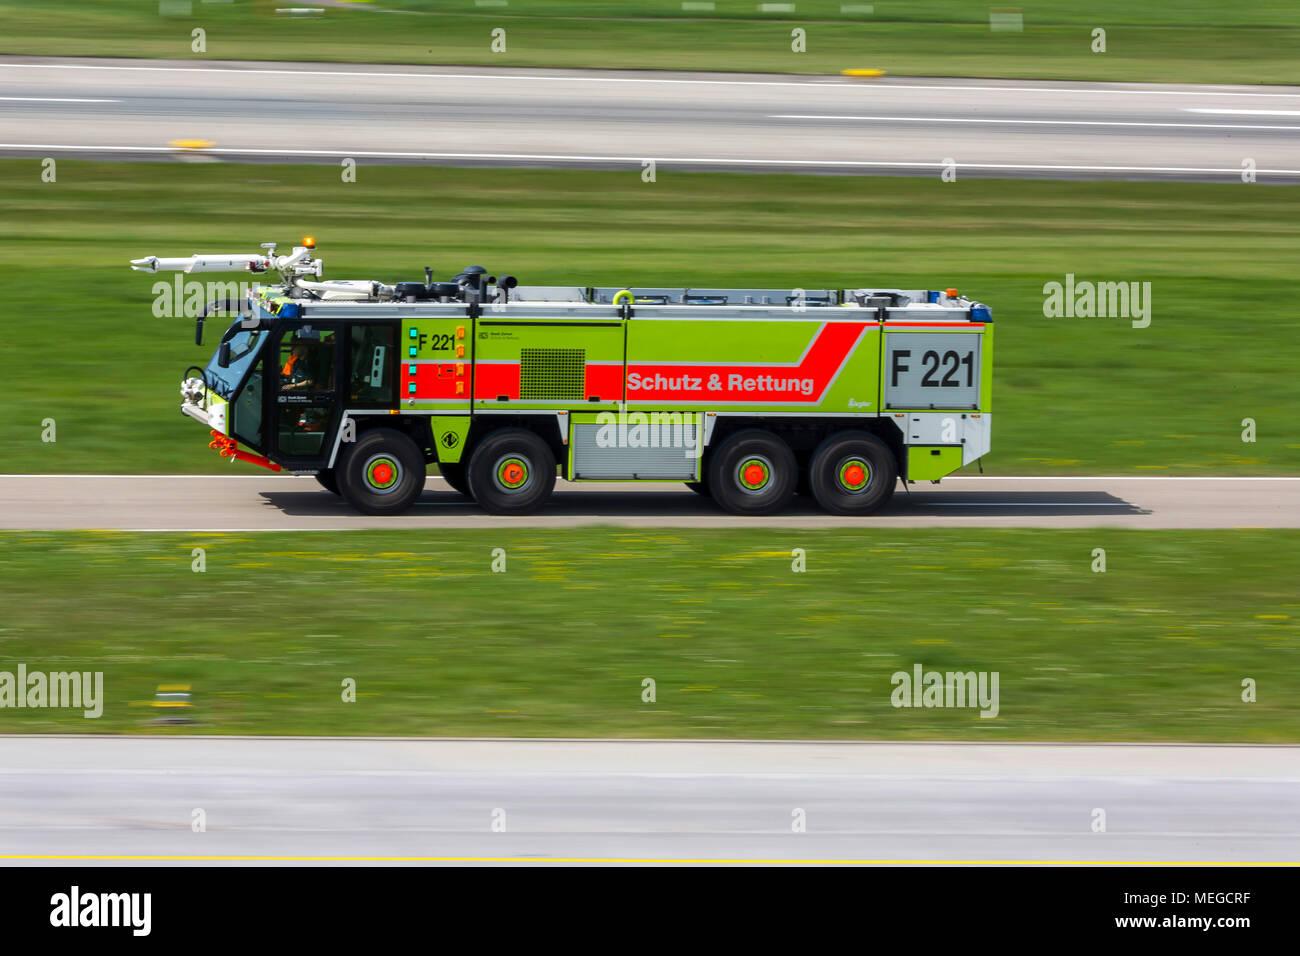 Flughafen Zuerich ZRH Flughafenfeuerwehr, Airport Fire. - Stock Image